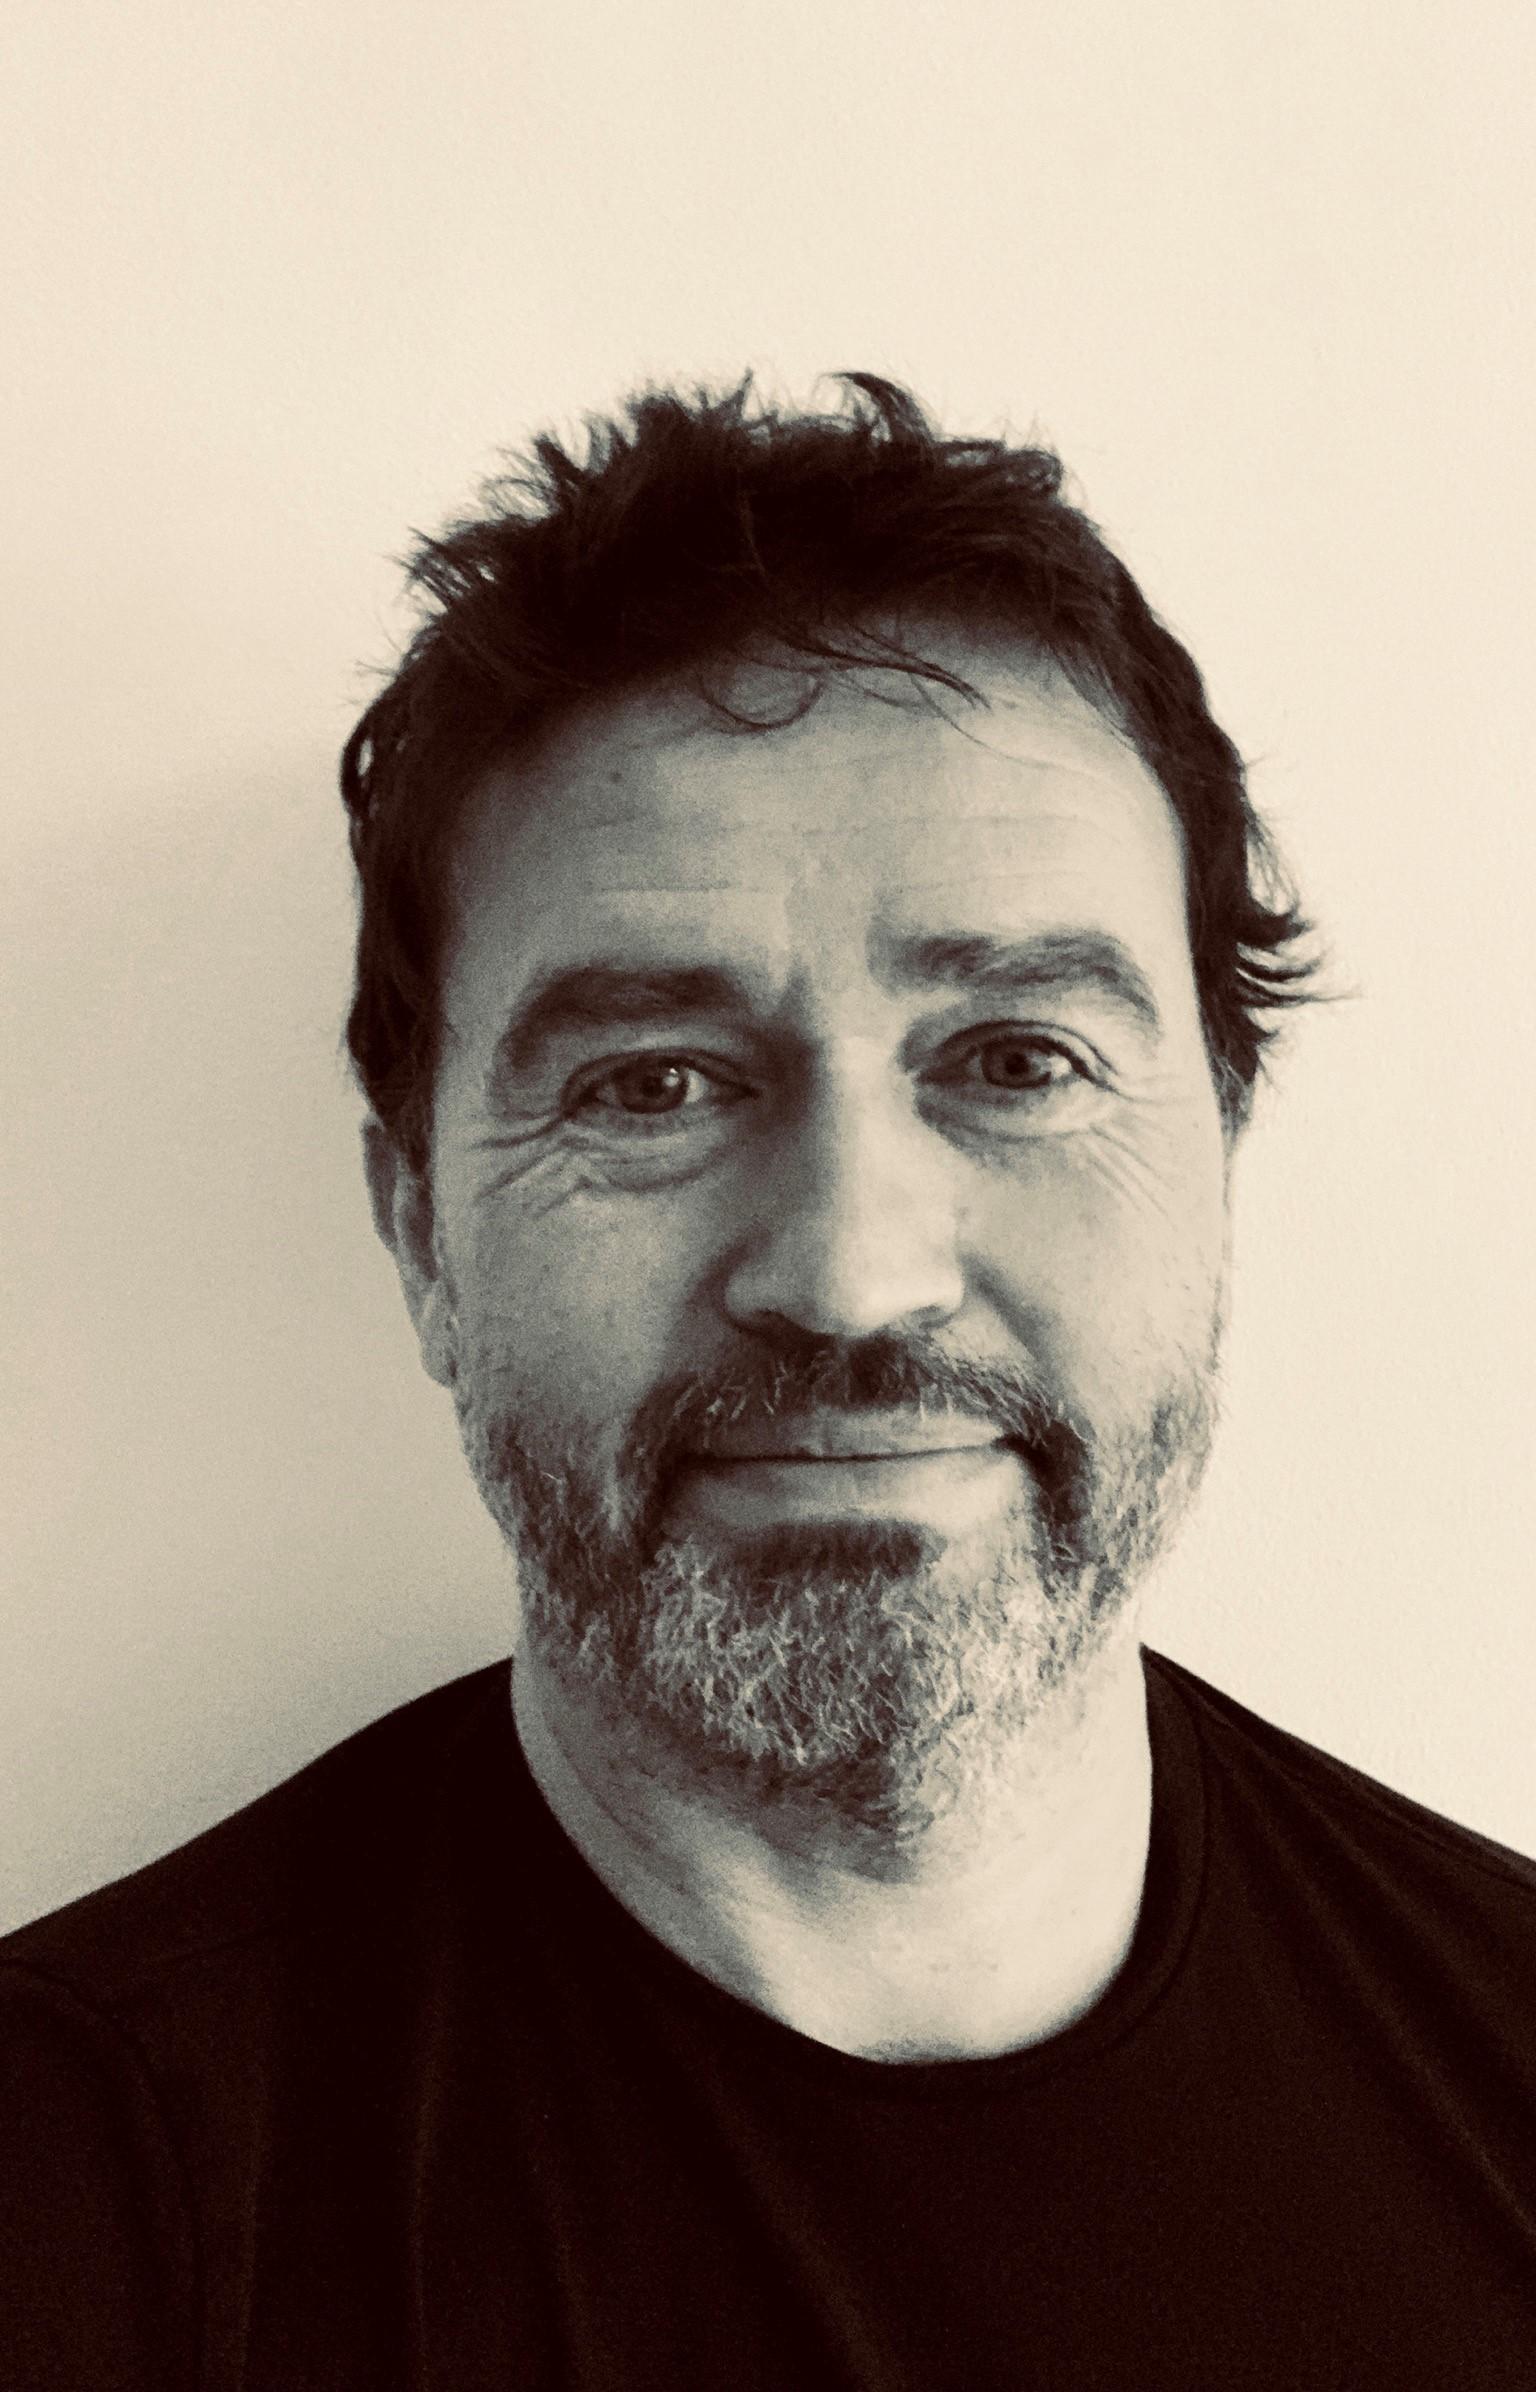 John-Paul Davies